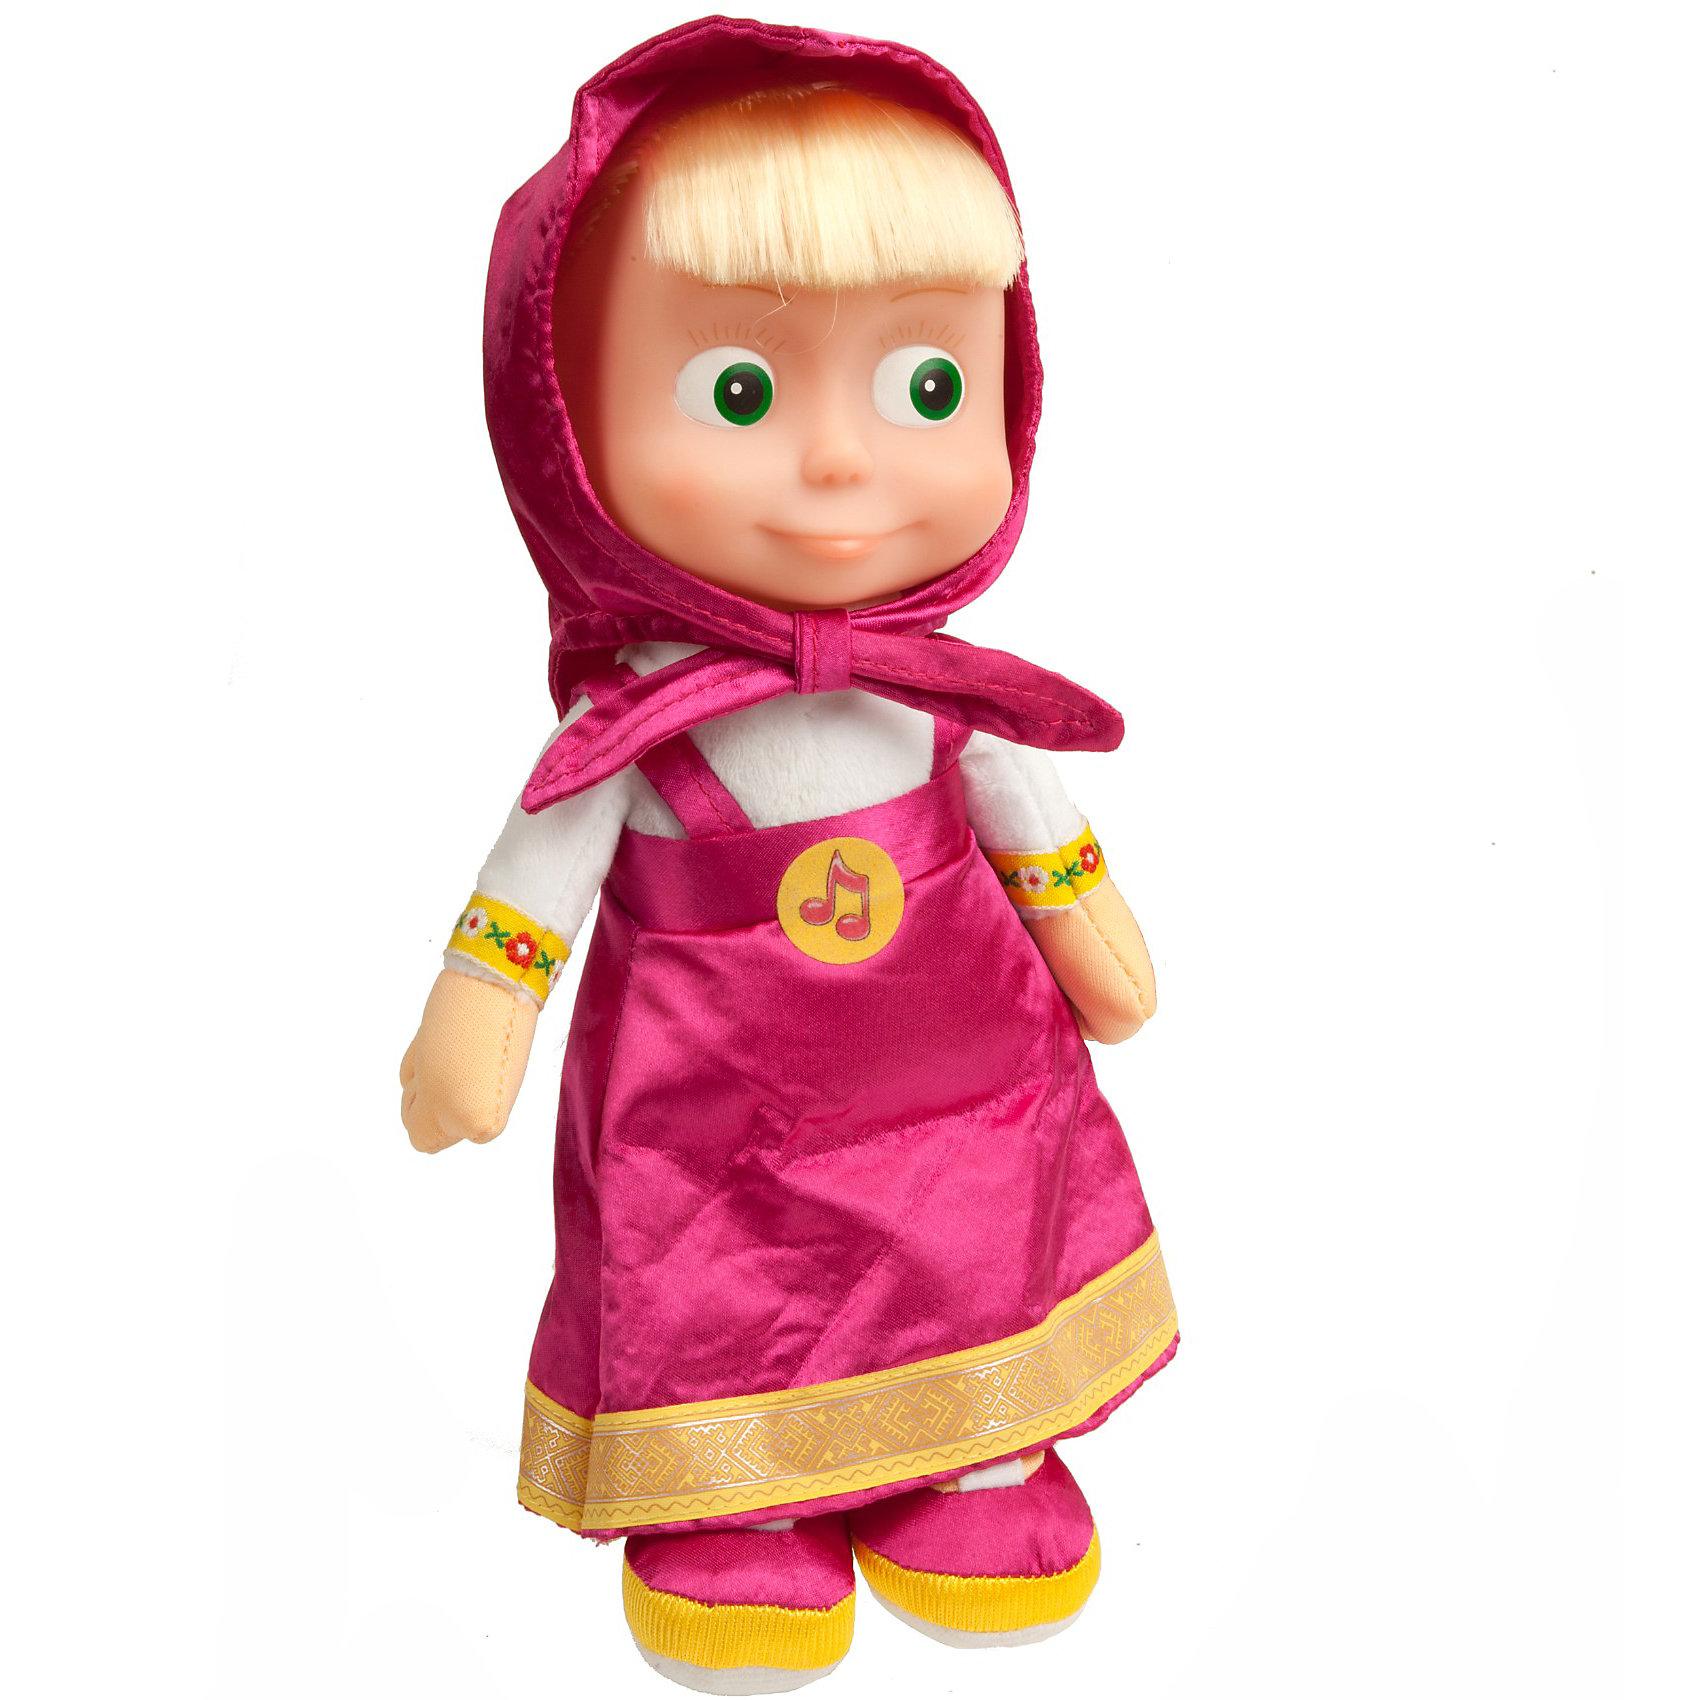 МУЛЬТИ-ПУЛЬТИ Мягкая кукла Маша, 29 см, Маша и Медведь, МУЛЬТИ-ПУЛЬТИ магниты маша и медведь купить игрушку